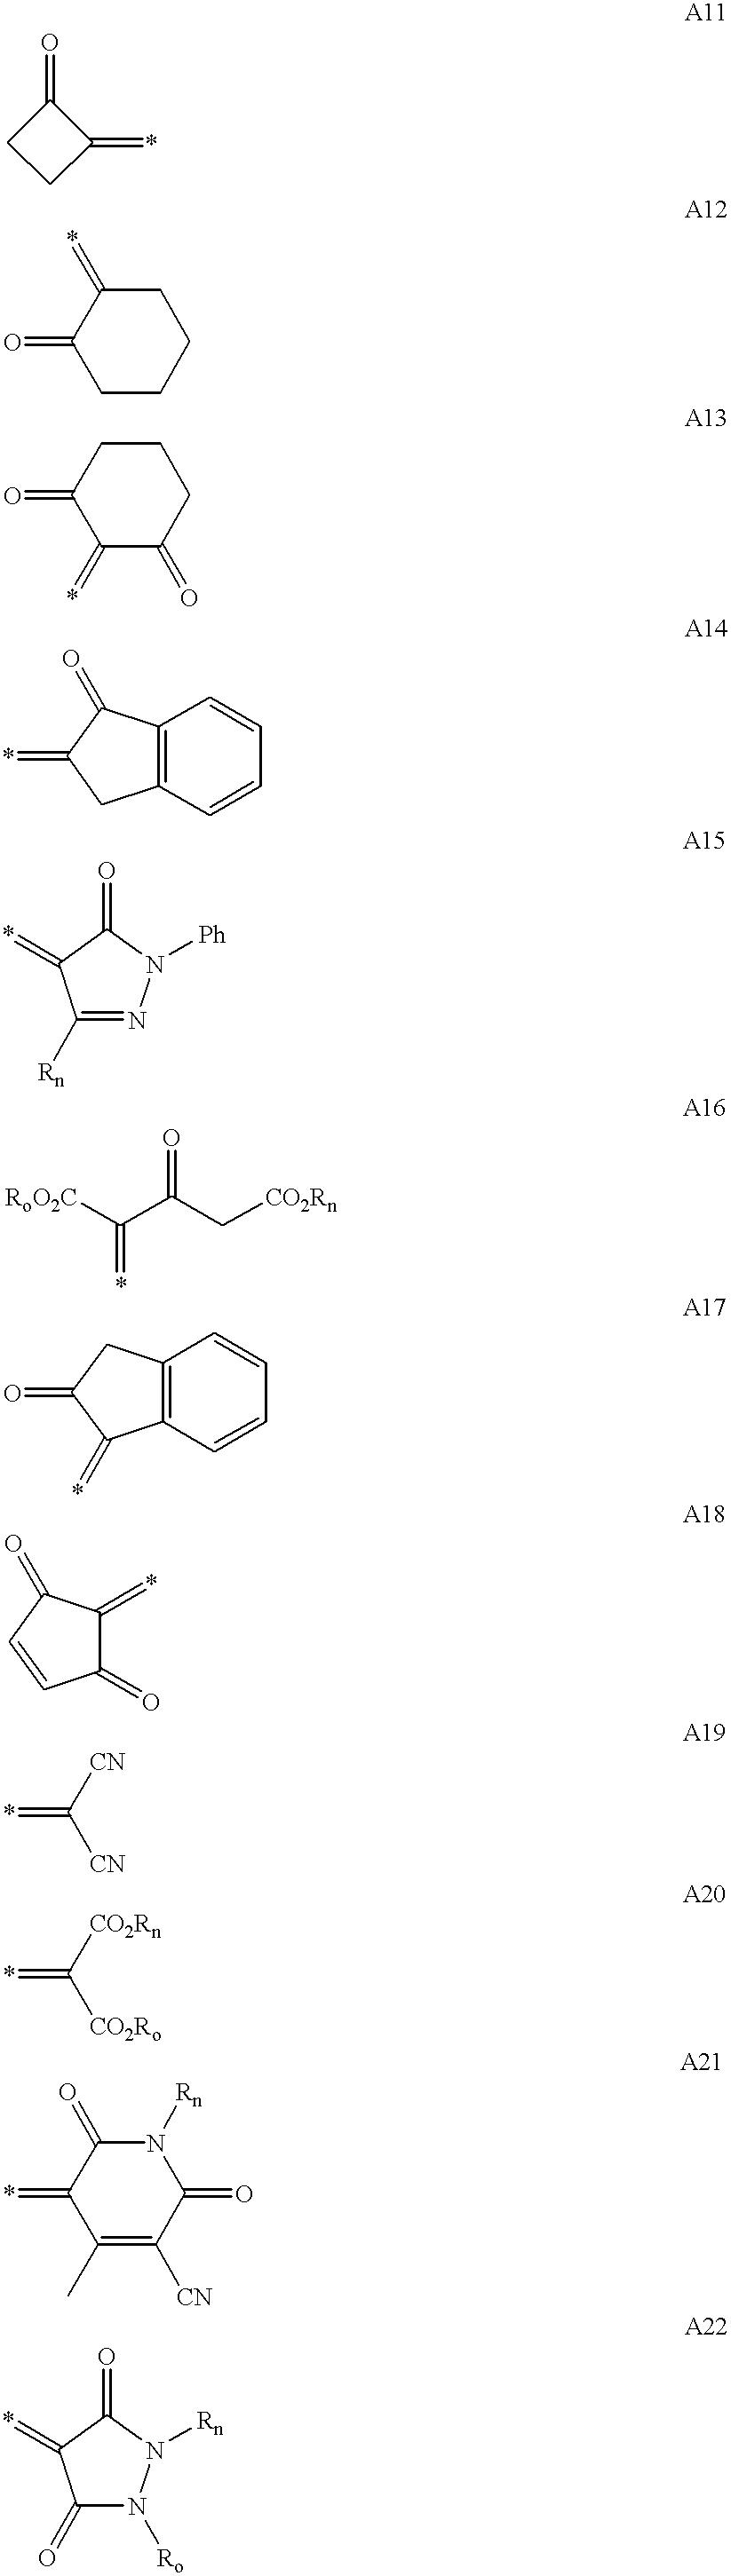 Figure US06267913-20010731-C00008